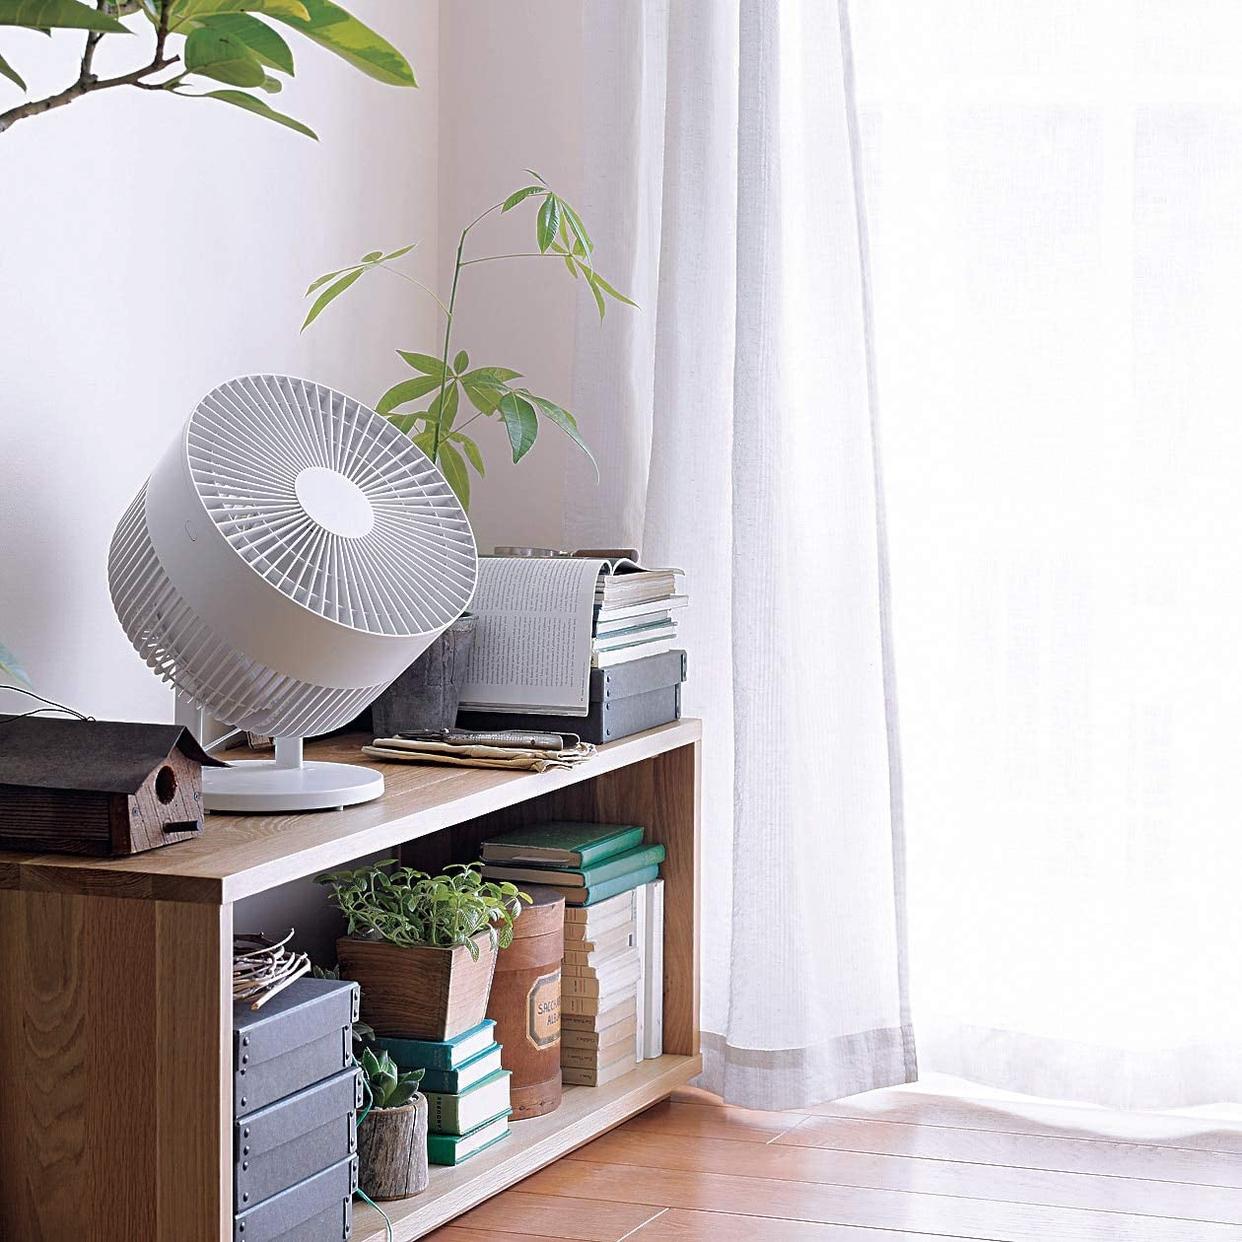 無印良品(MUJI) サーキュレーター(低騒音ファン・大風量タイプ) AT-CF26R-Wの商品画像16